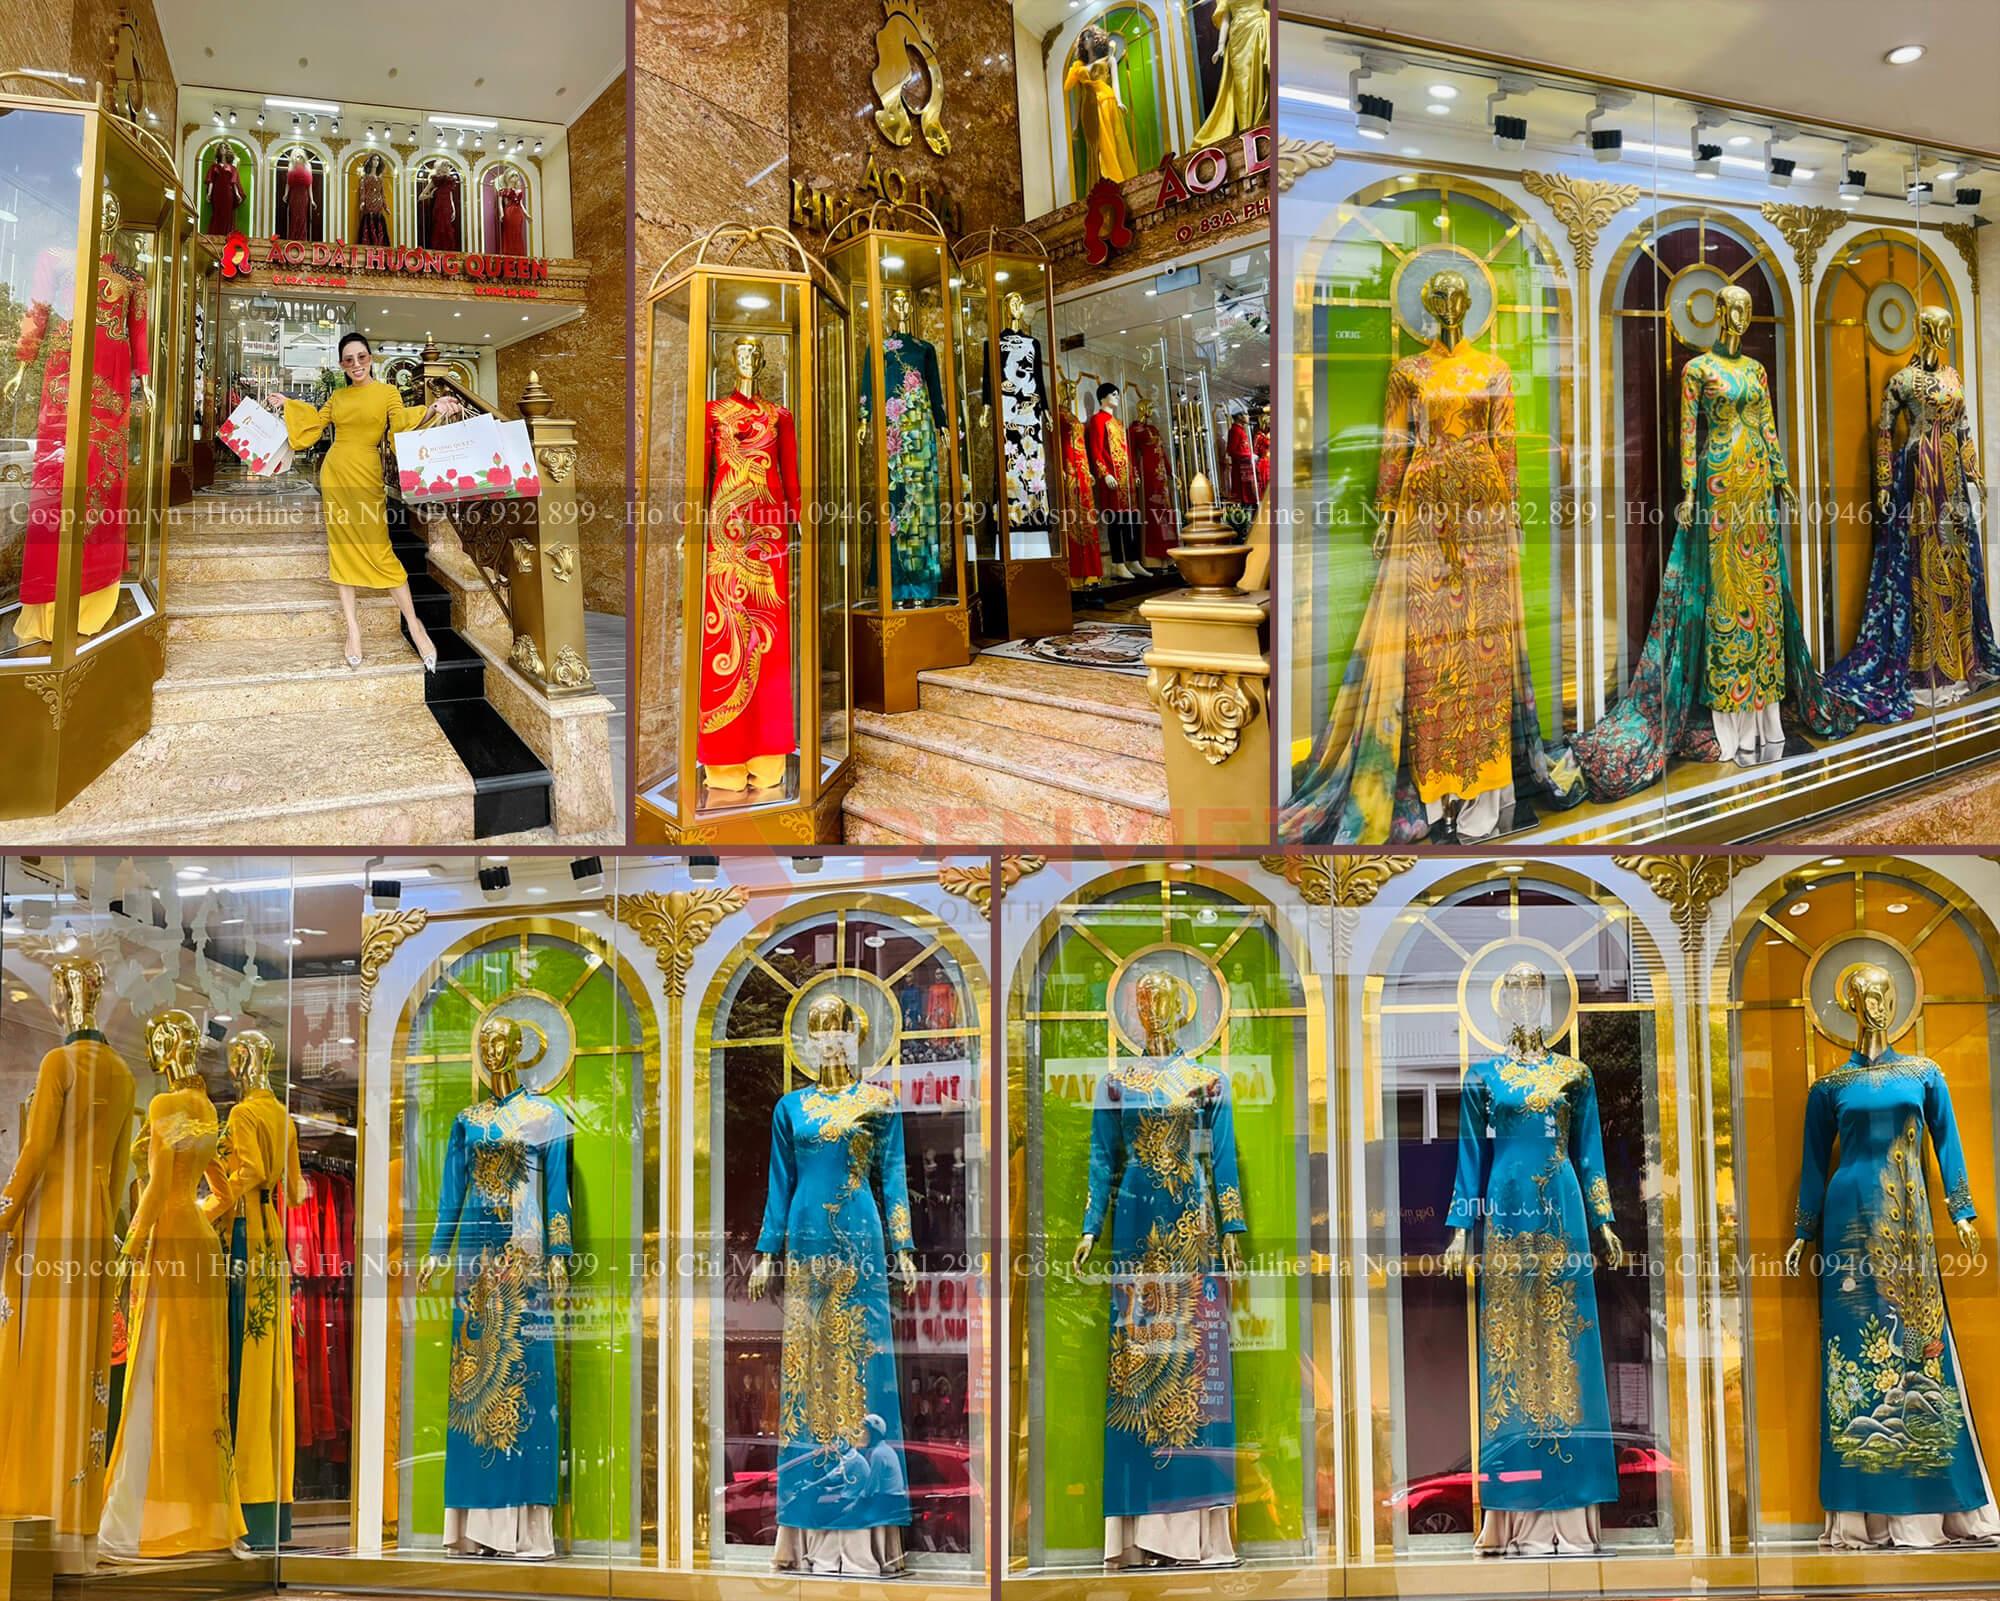 Hình ảnh thực tế khu vực trưng bày mannequin trước sảnh tầng 1 và tầng 2